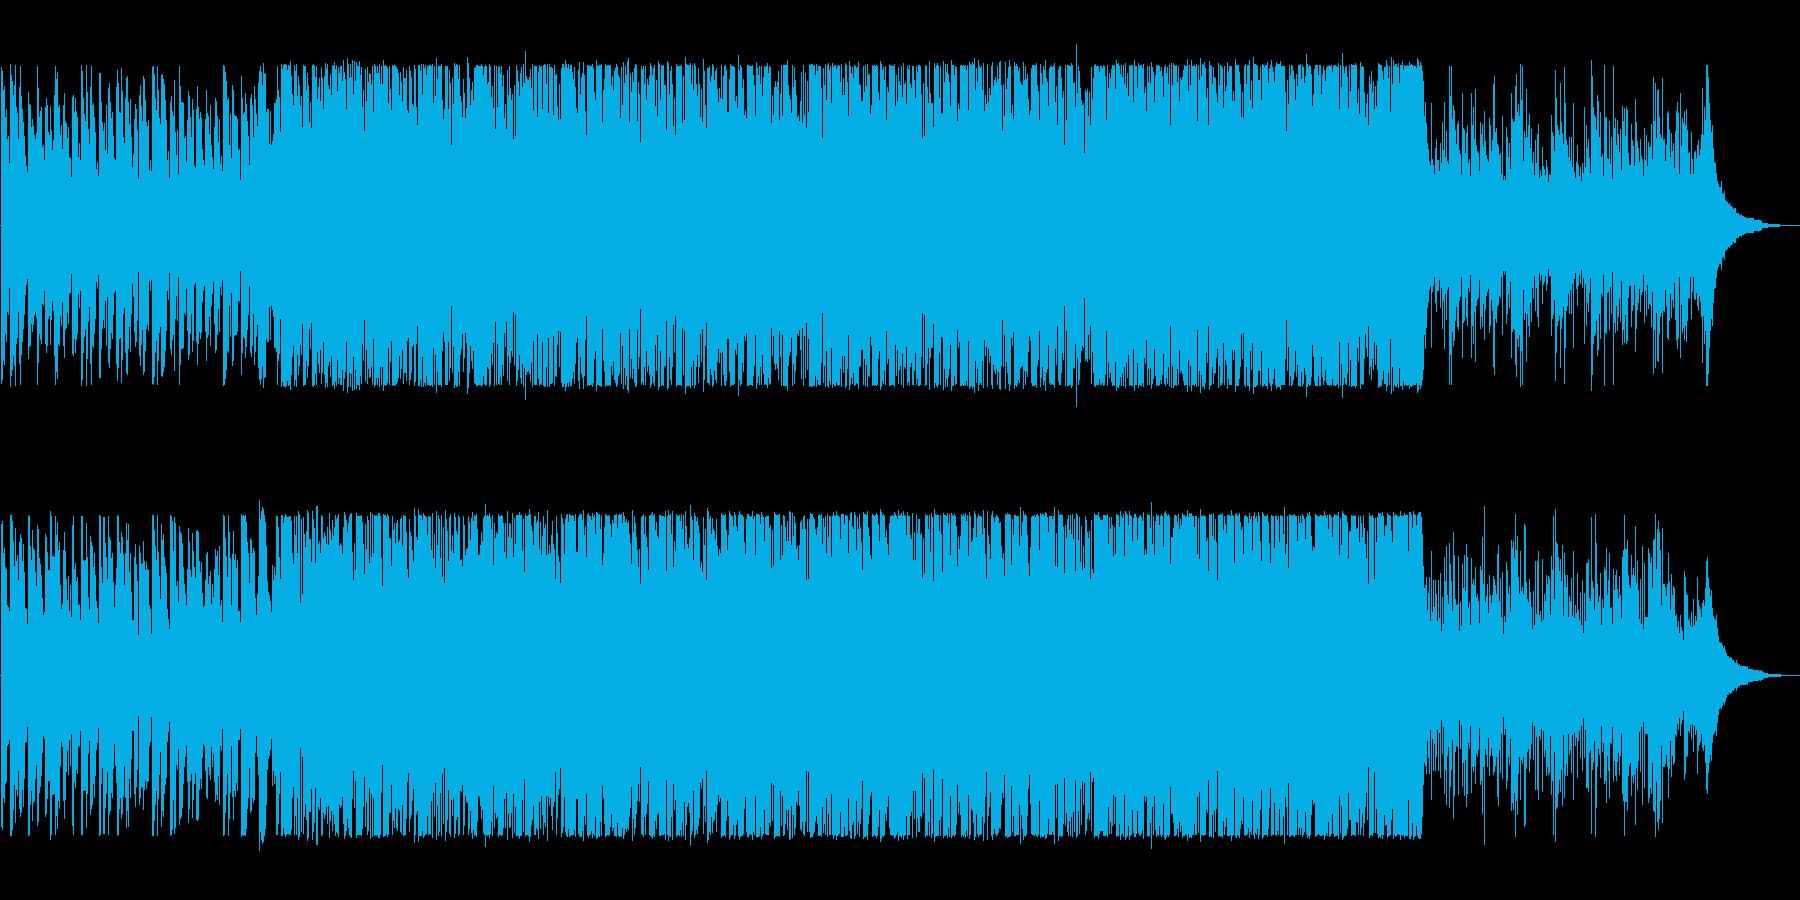 明るく軽快なピアノポップスの再生済みの波形